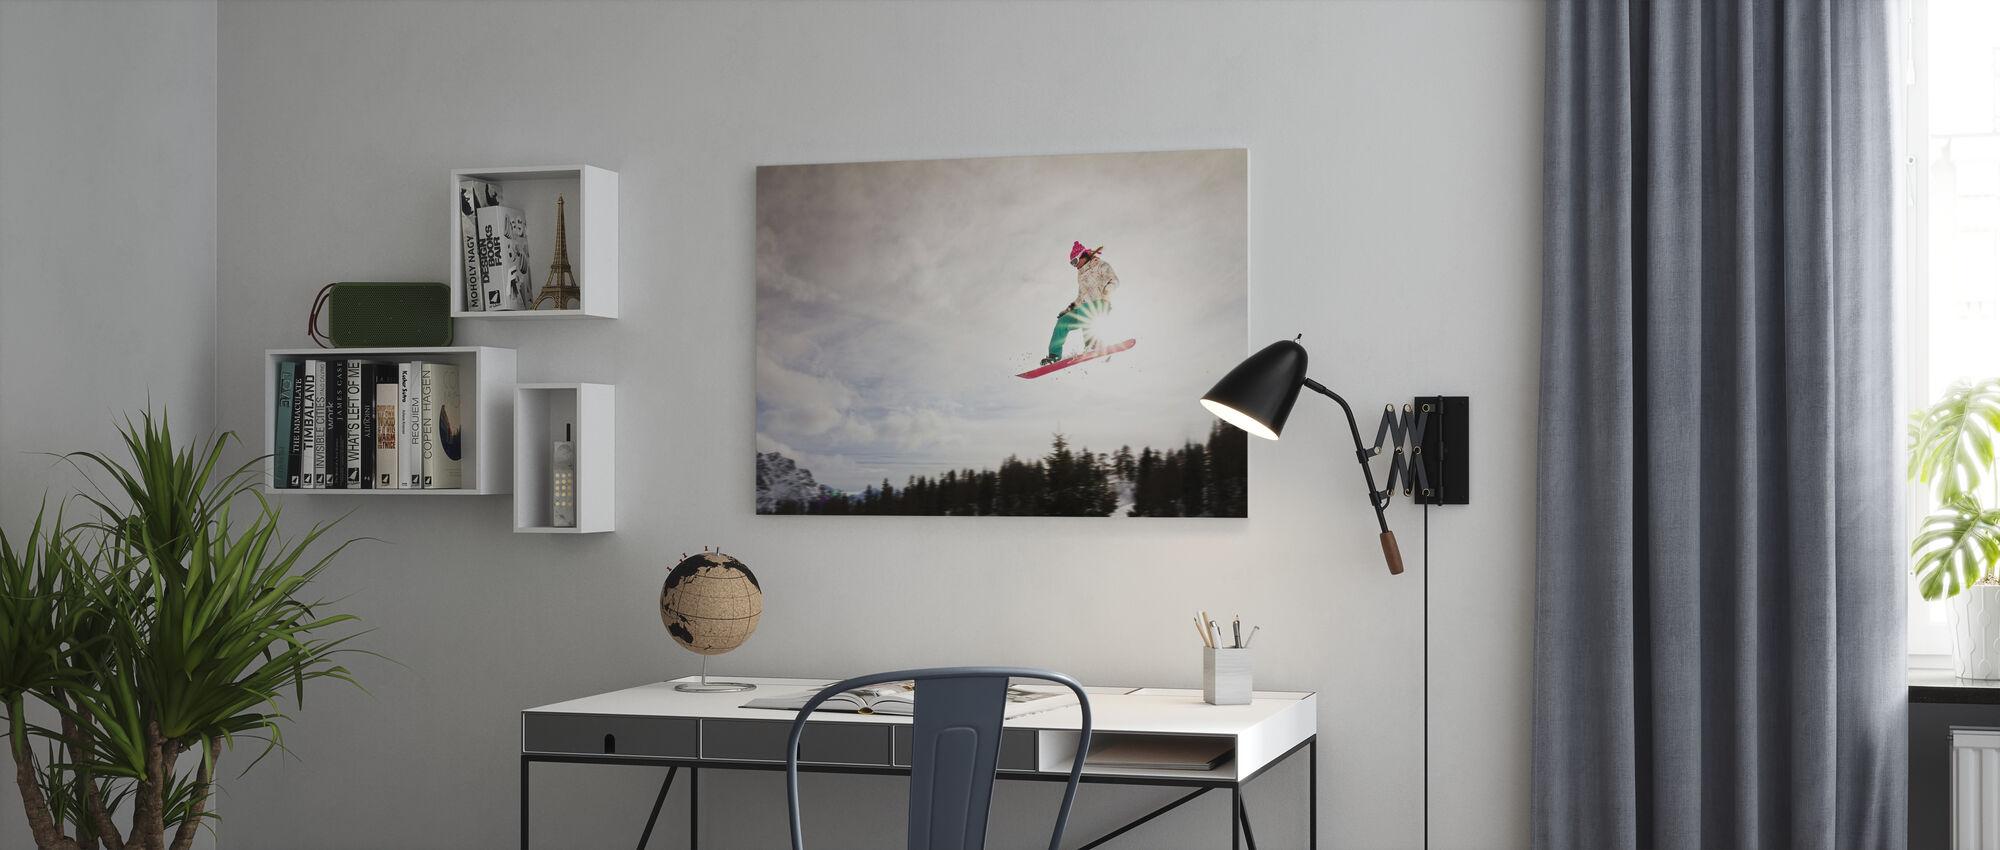 Snowboard solskinn hoppe - Lerretsbilde - Kontor